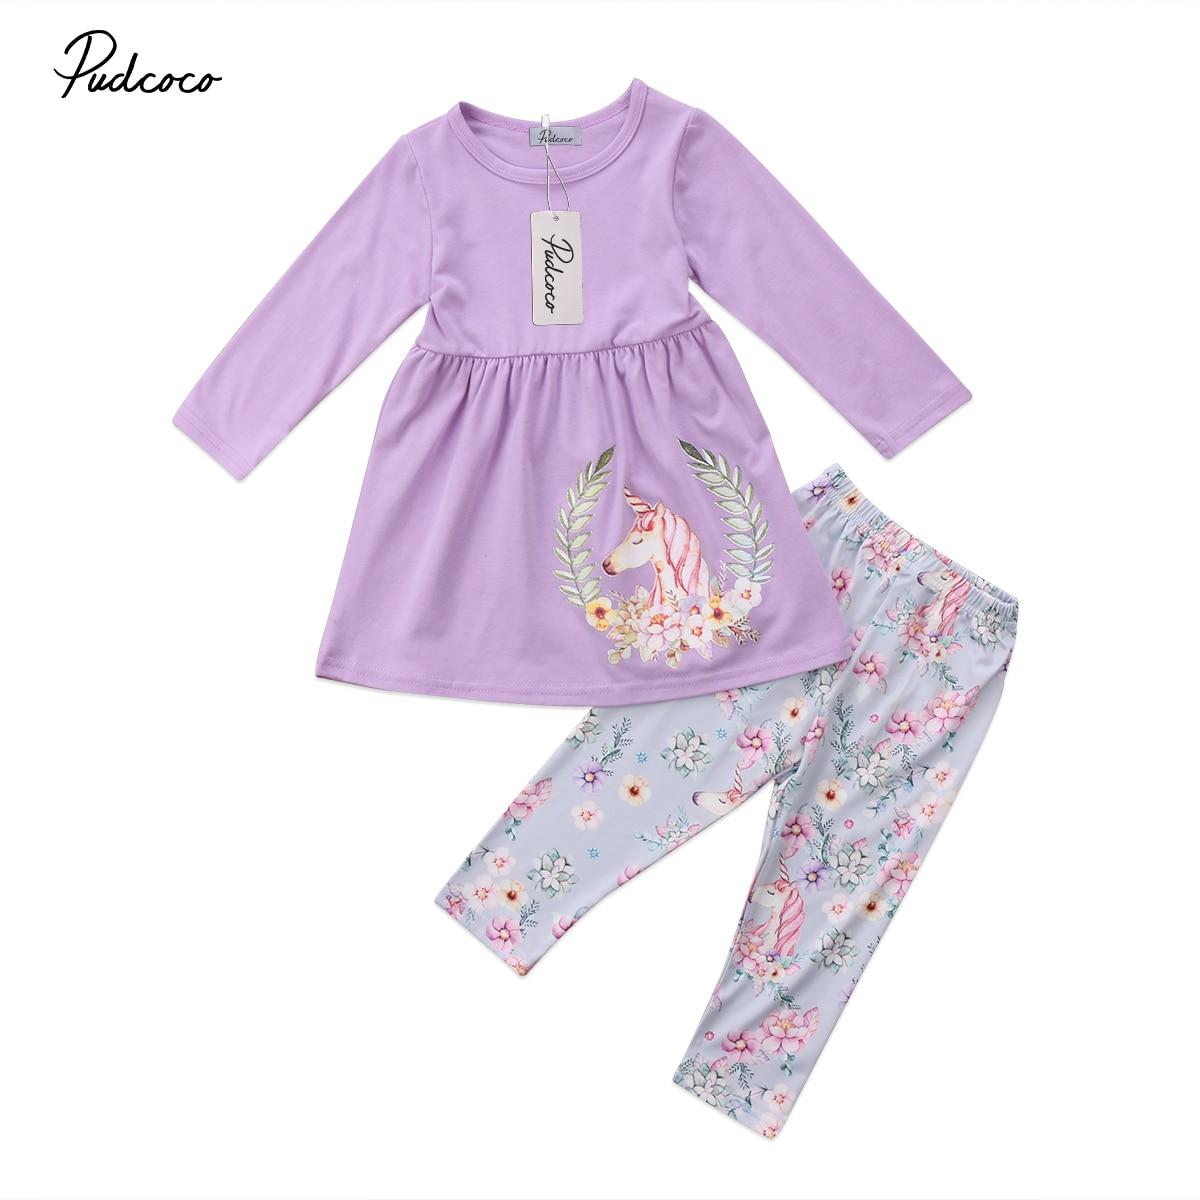 89814bd1b53 2018 для маленьких Обувь для девочек Единорог Блузка Платье Длинные штаны  Костюмы комплект для маленьких девочек